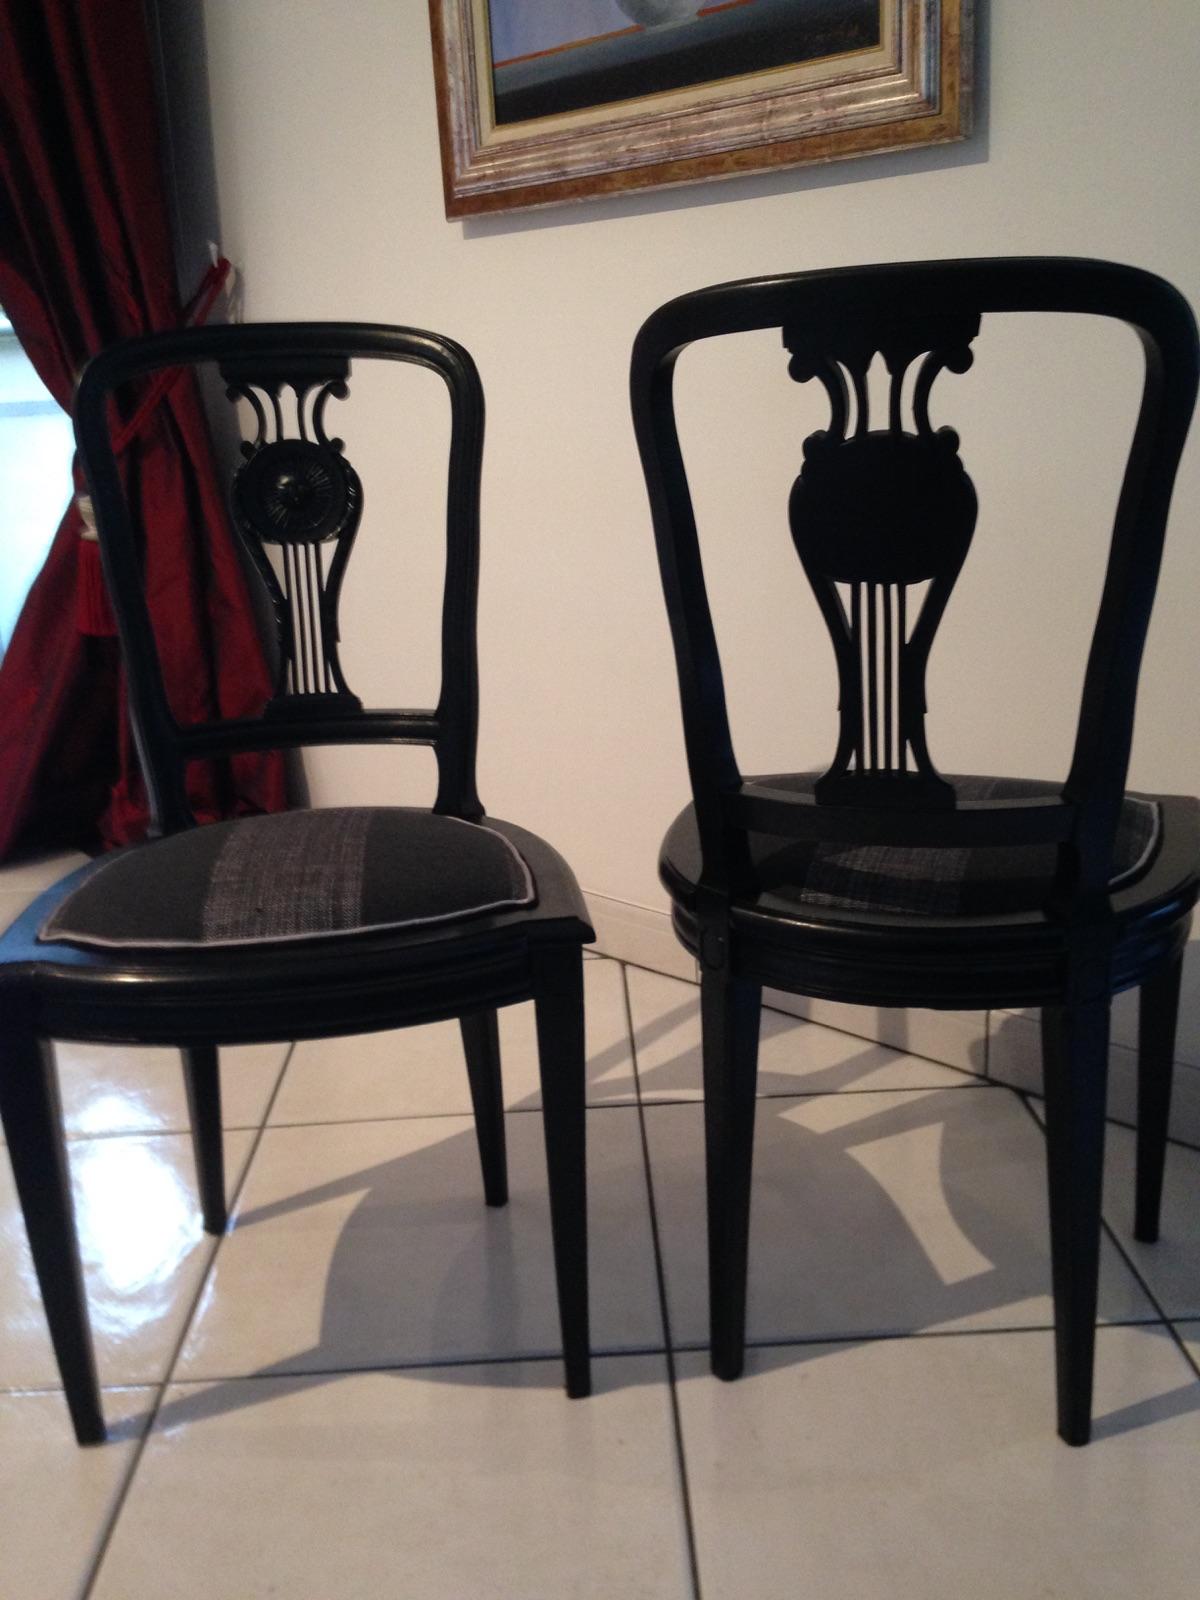 Adrom, formation tapisserie, galerie fauteuil du mois, janvier 2018, chaises